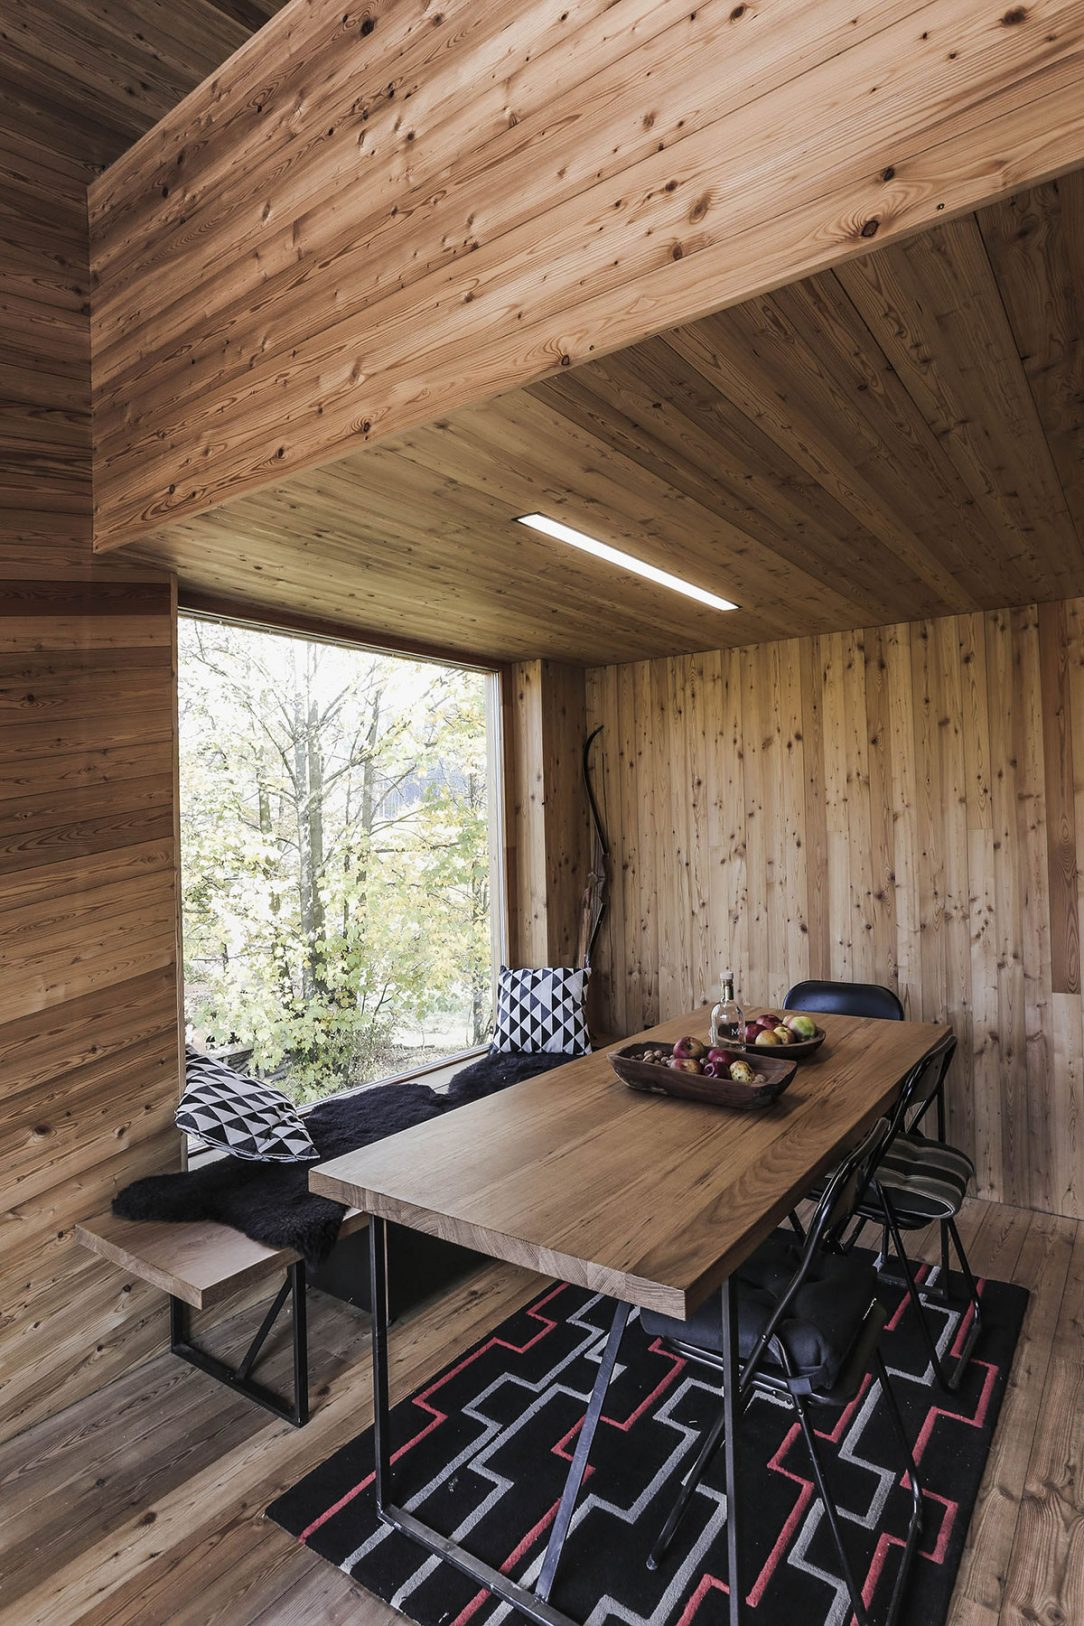 Sedenie v interiéri chaty